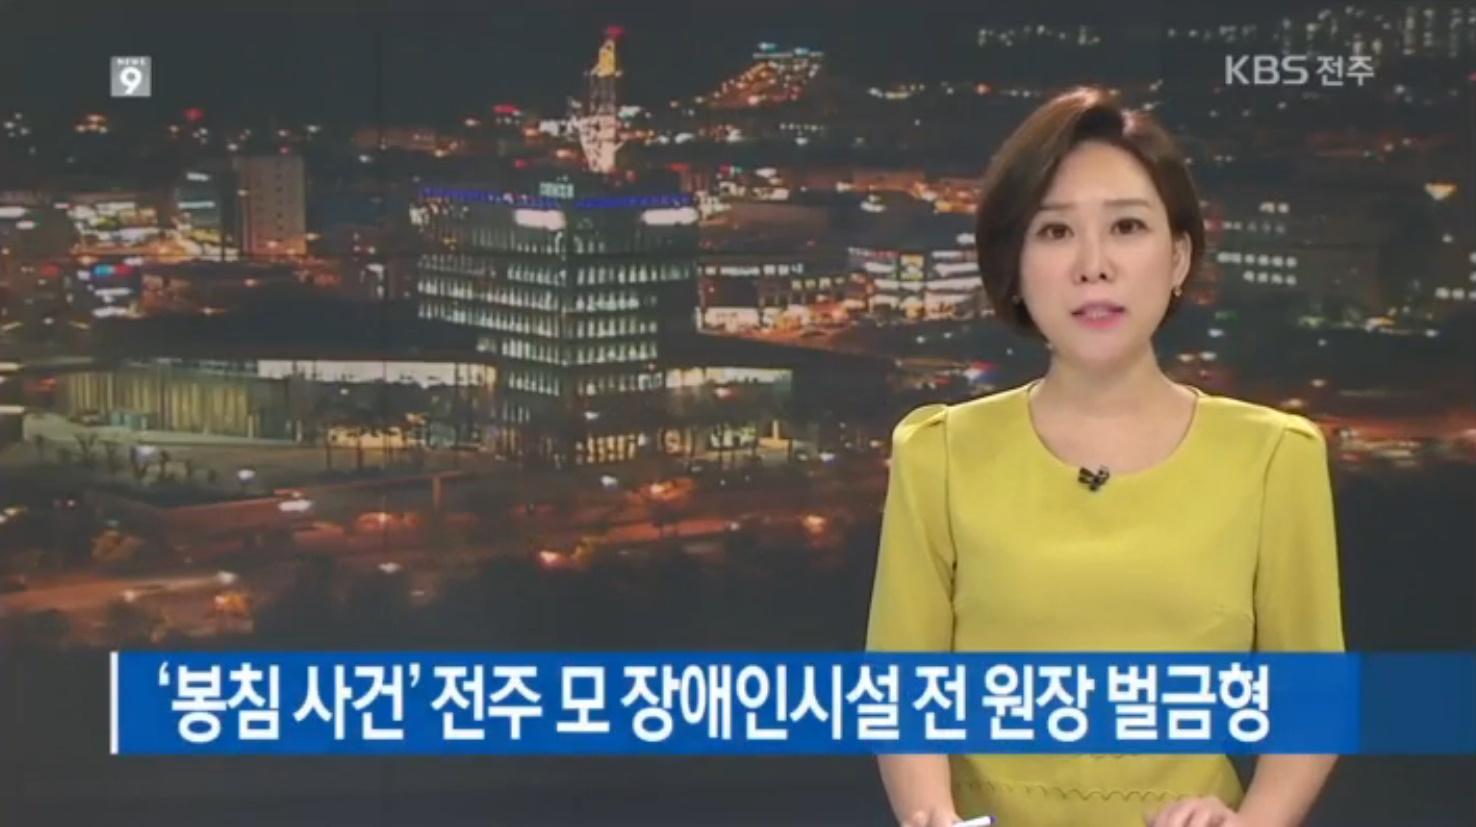 [18.7.20 KBS전주] 전주 봉침게이트, 검찰은 기소축소... 법원은 재판거래... 의혹11.jpg